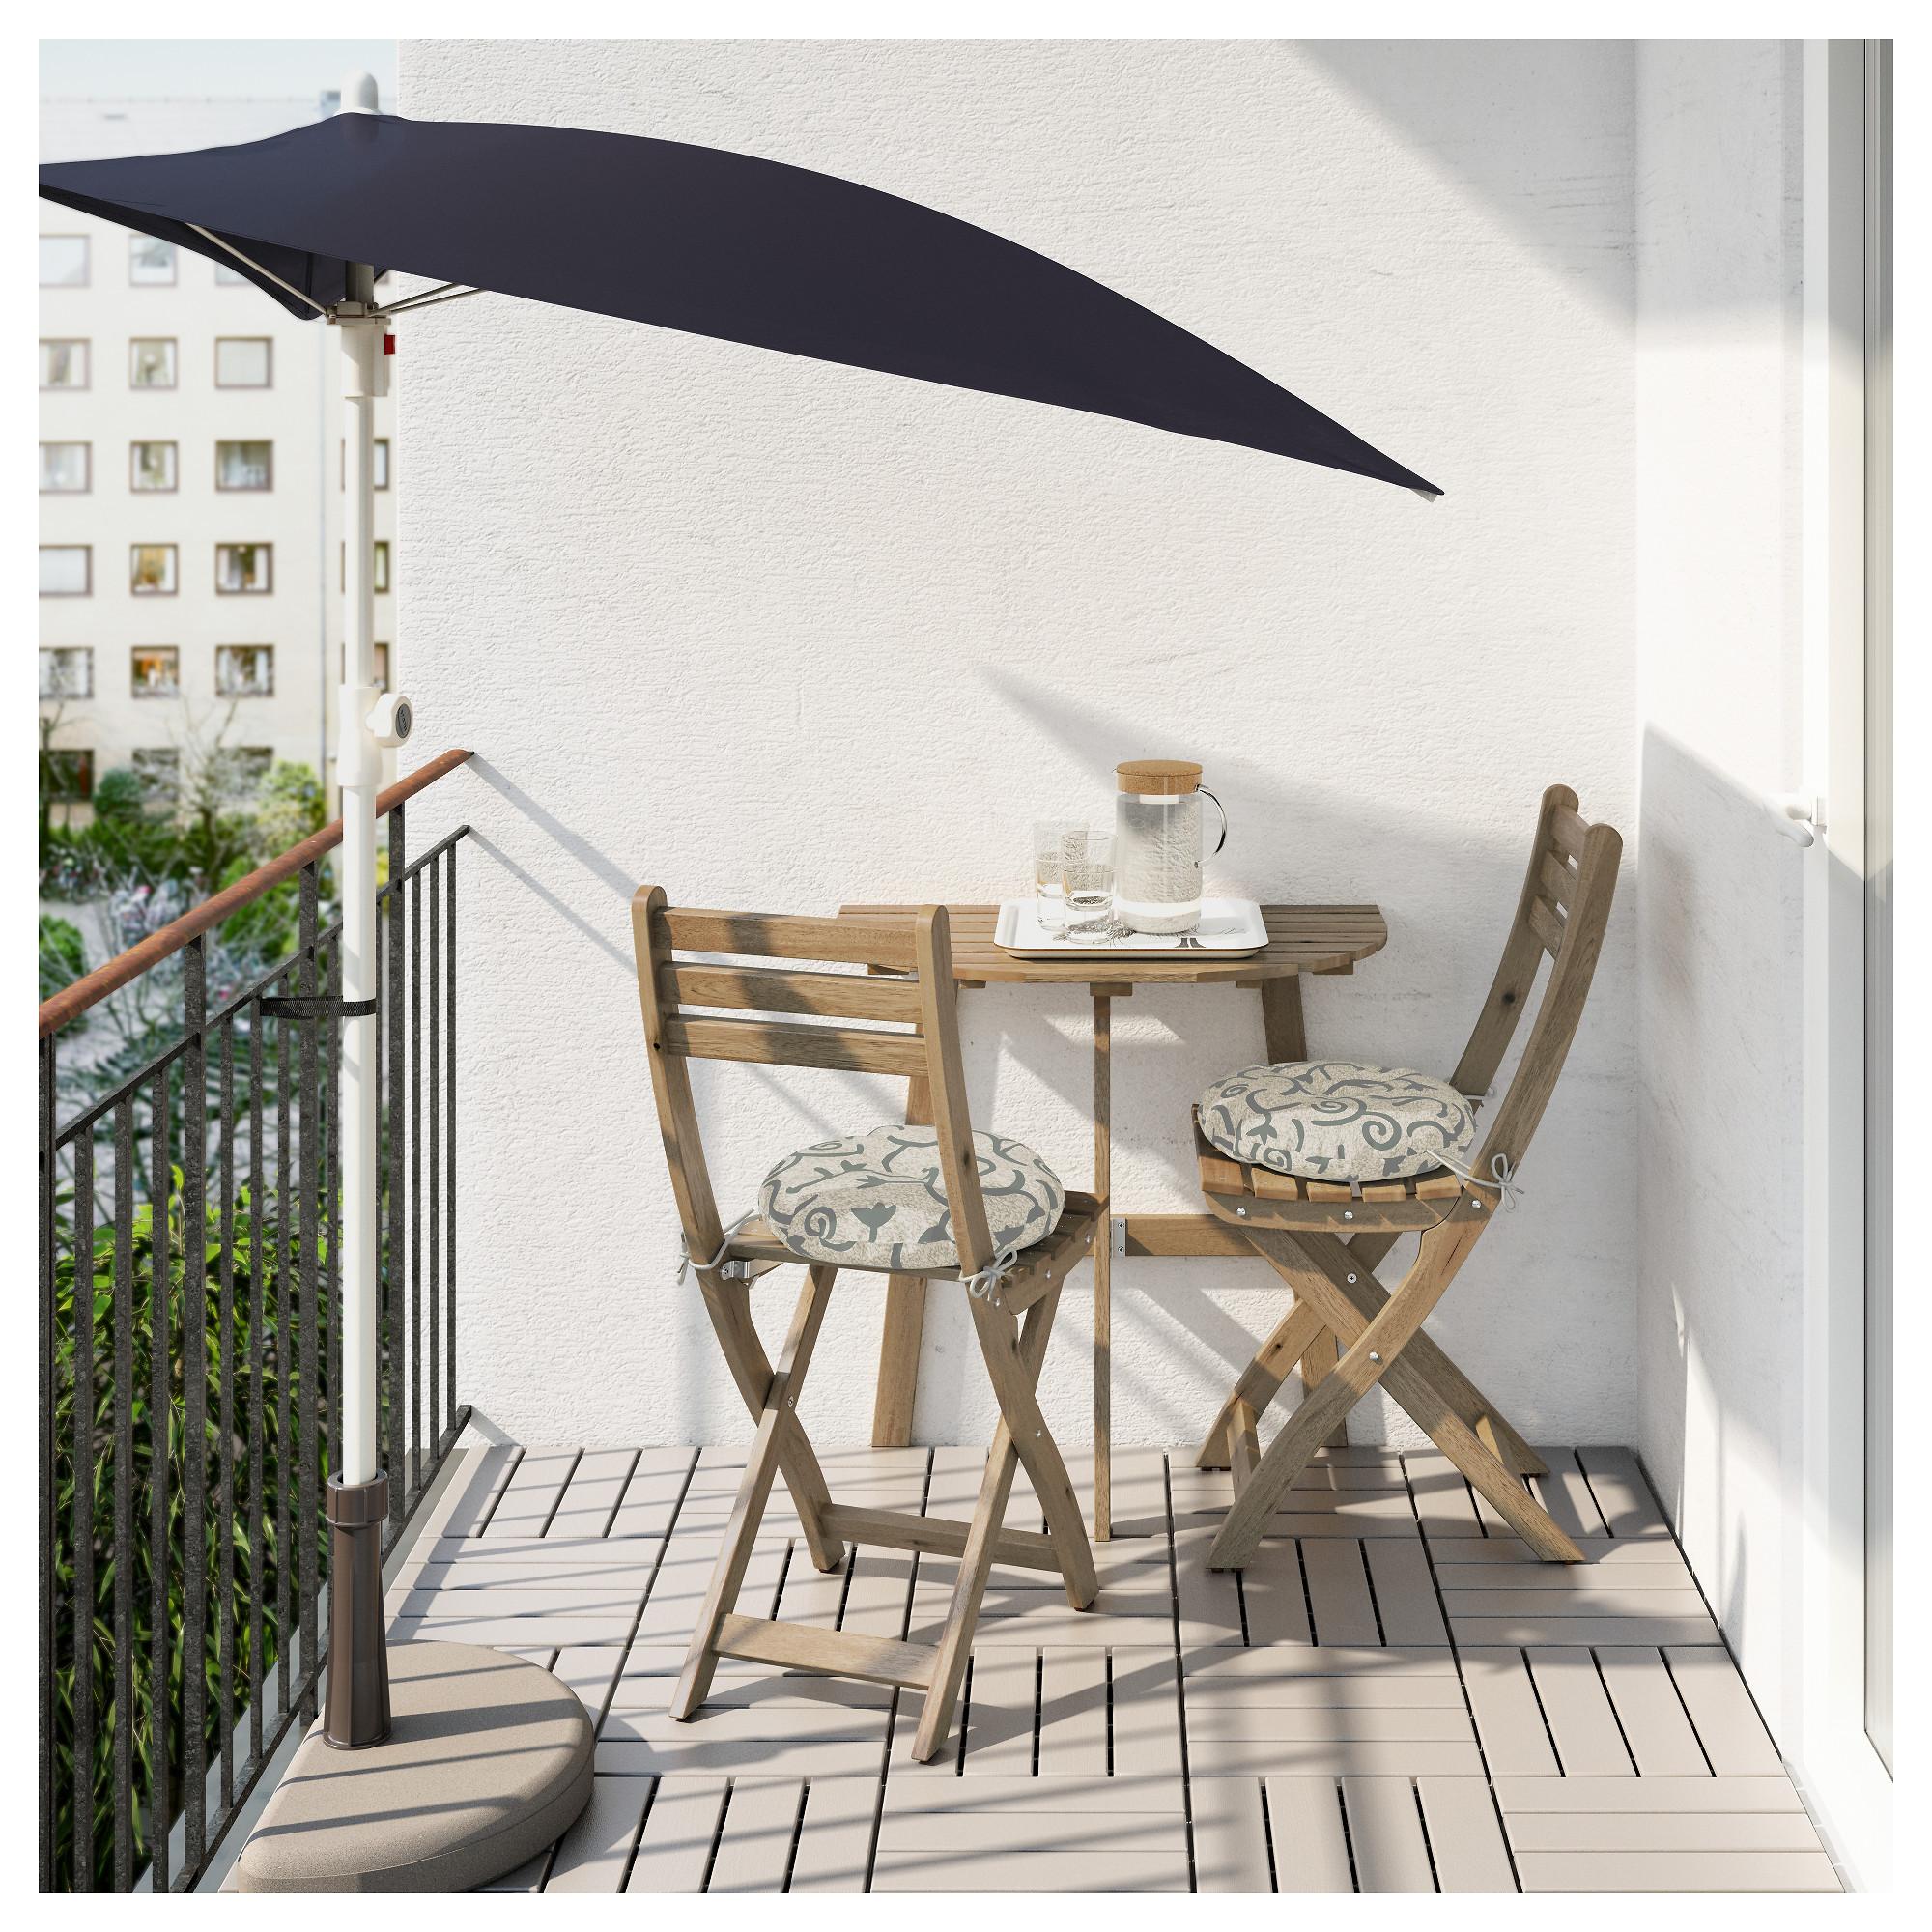 Икеа складной столик для балкона.